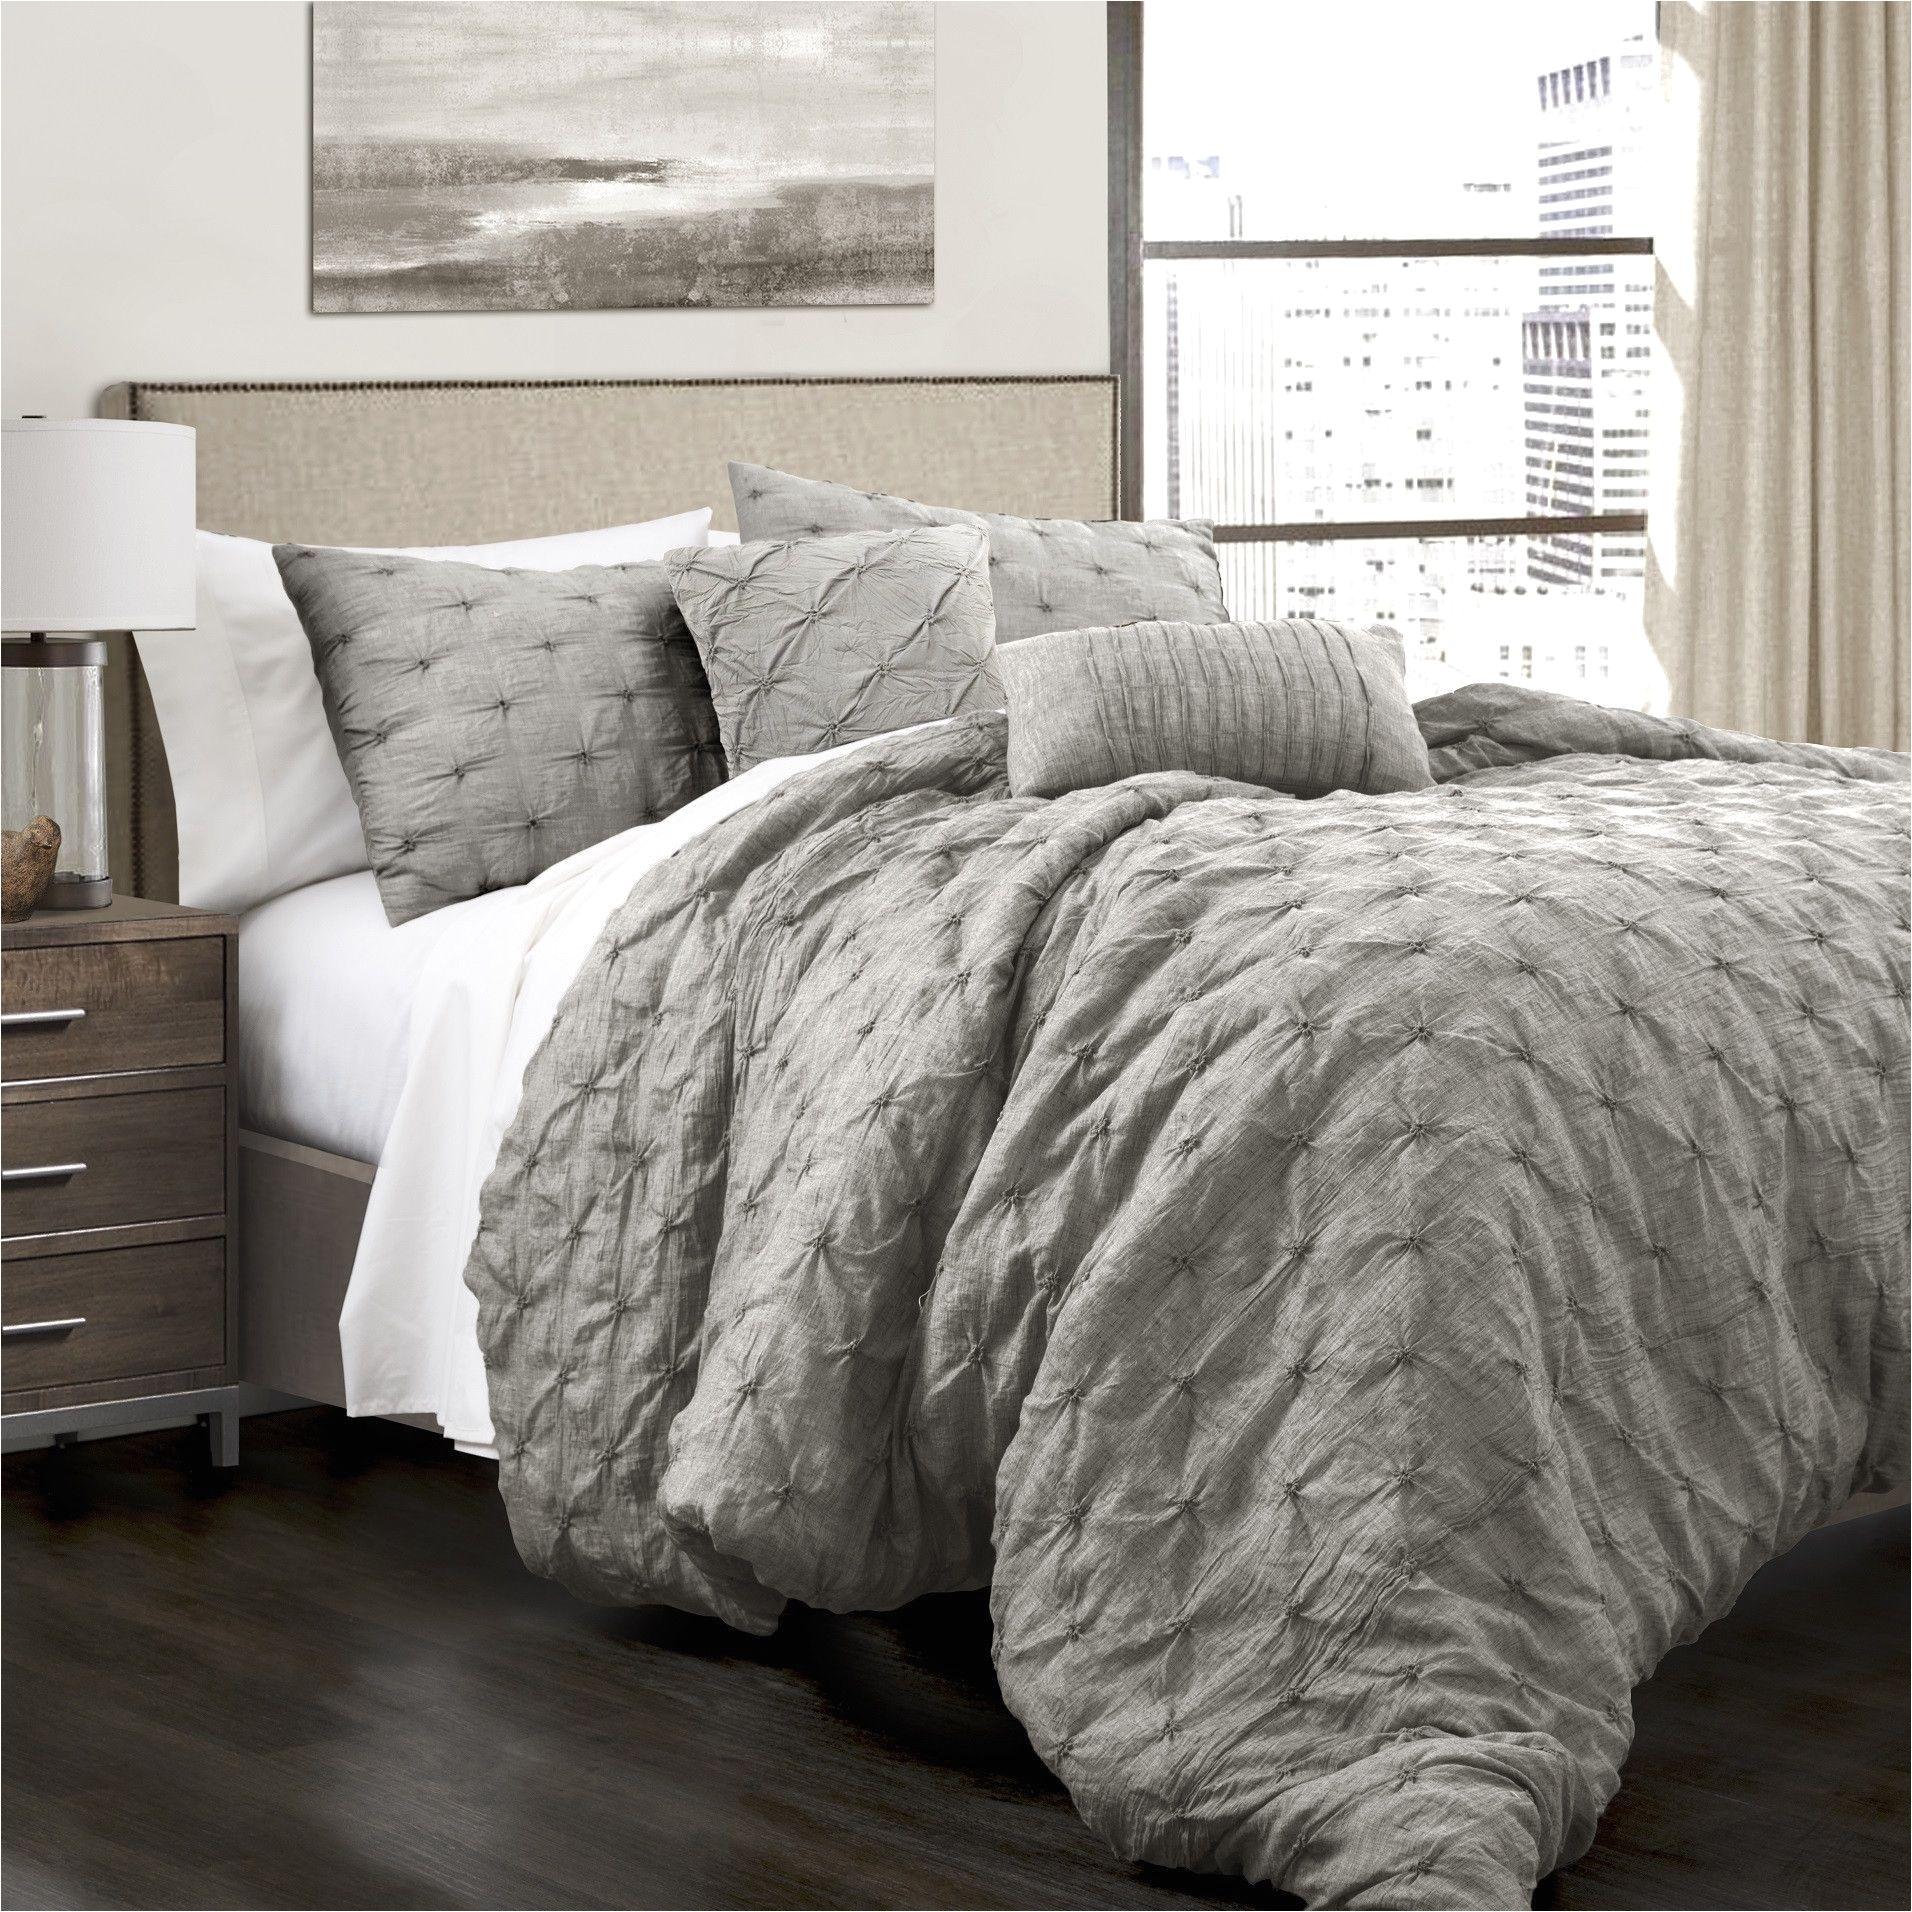 lush decor belle 4 piece comforter set unique ravello pintuck 5 piece forter set